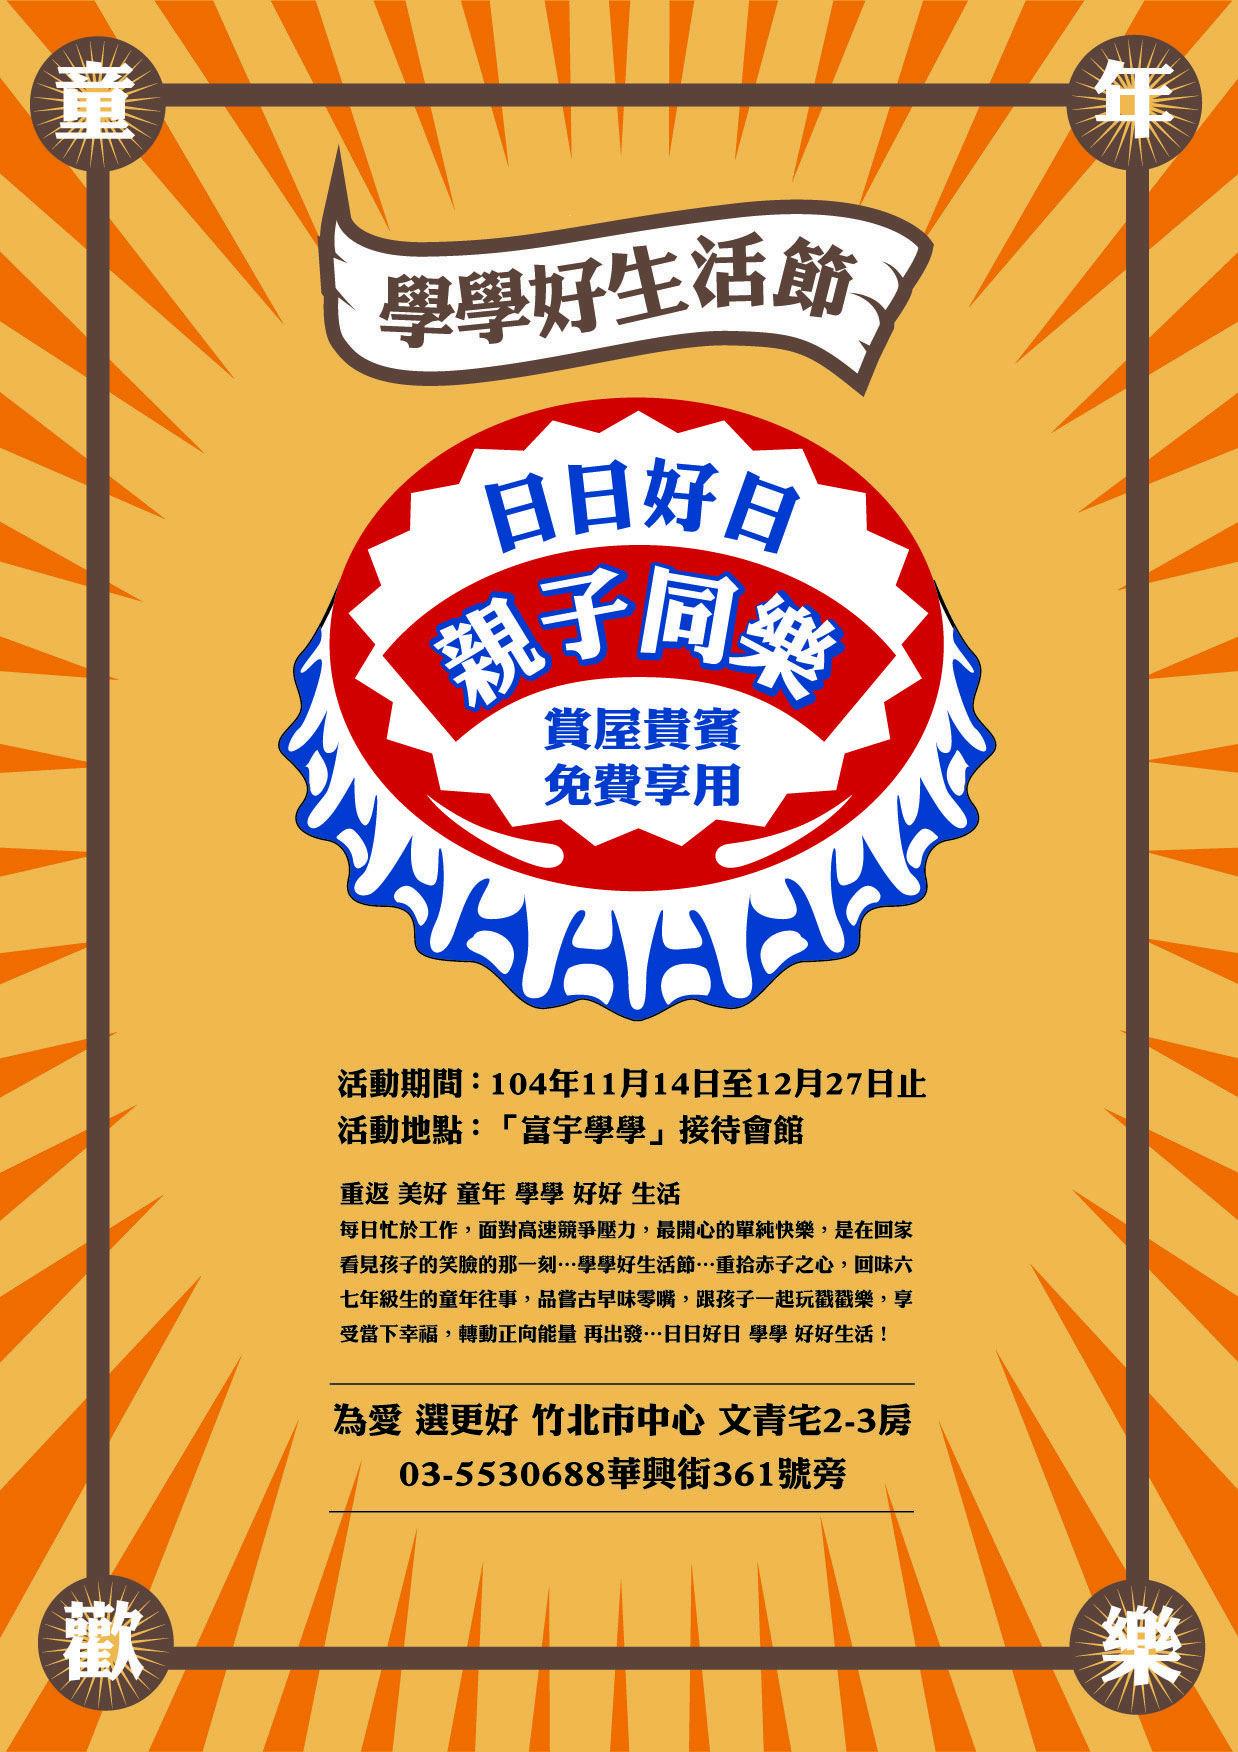 [活動預告] 1114富宇學學好生活節2015-11-04